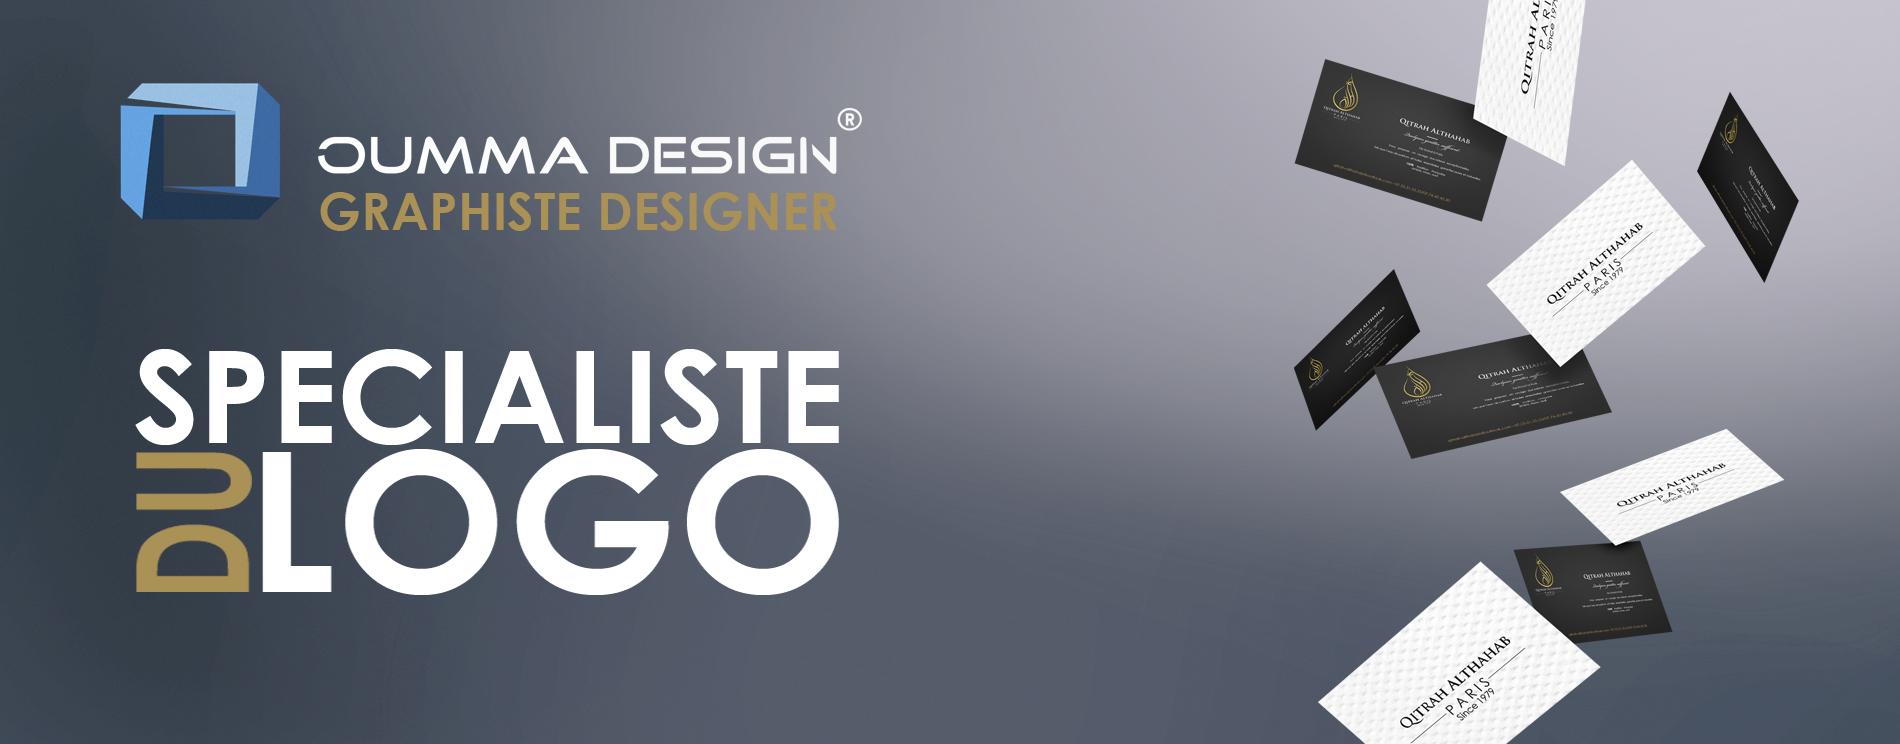 OUMMA-DESIGN-GRAPHISTE-SPECIALISTE-LOGO